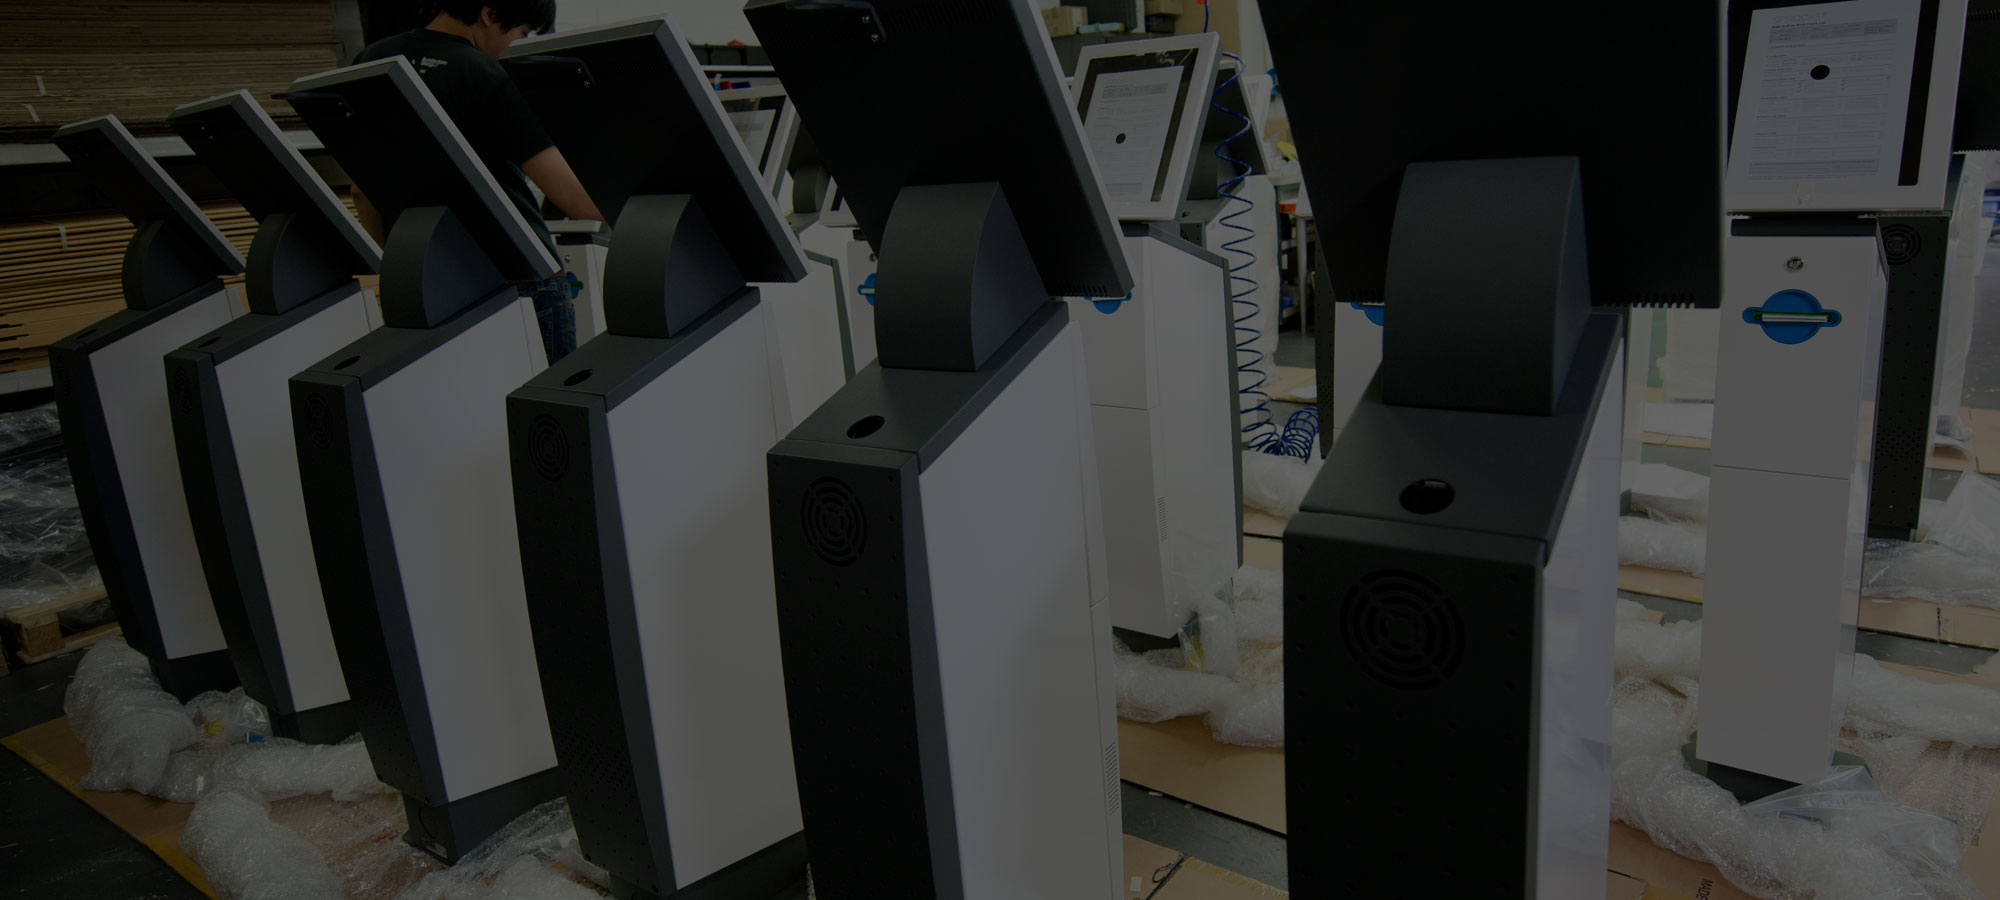 Sprocket custom kiosk solutions